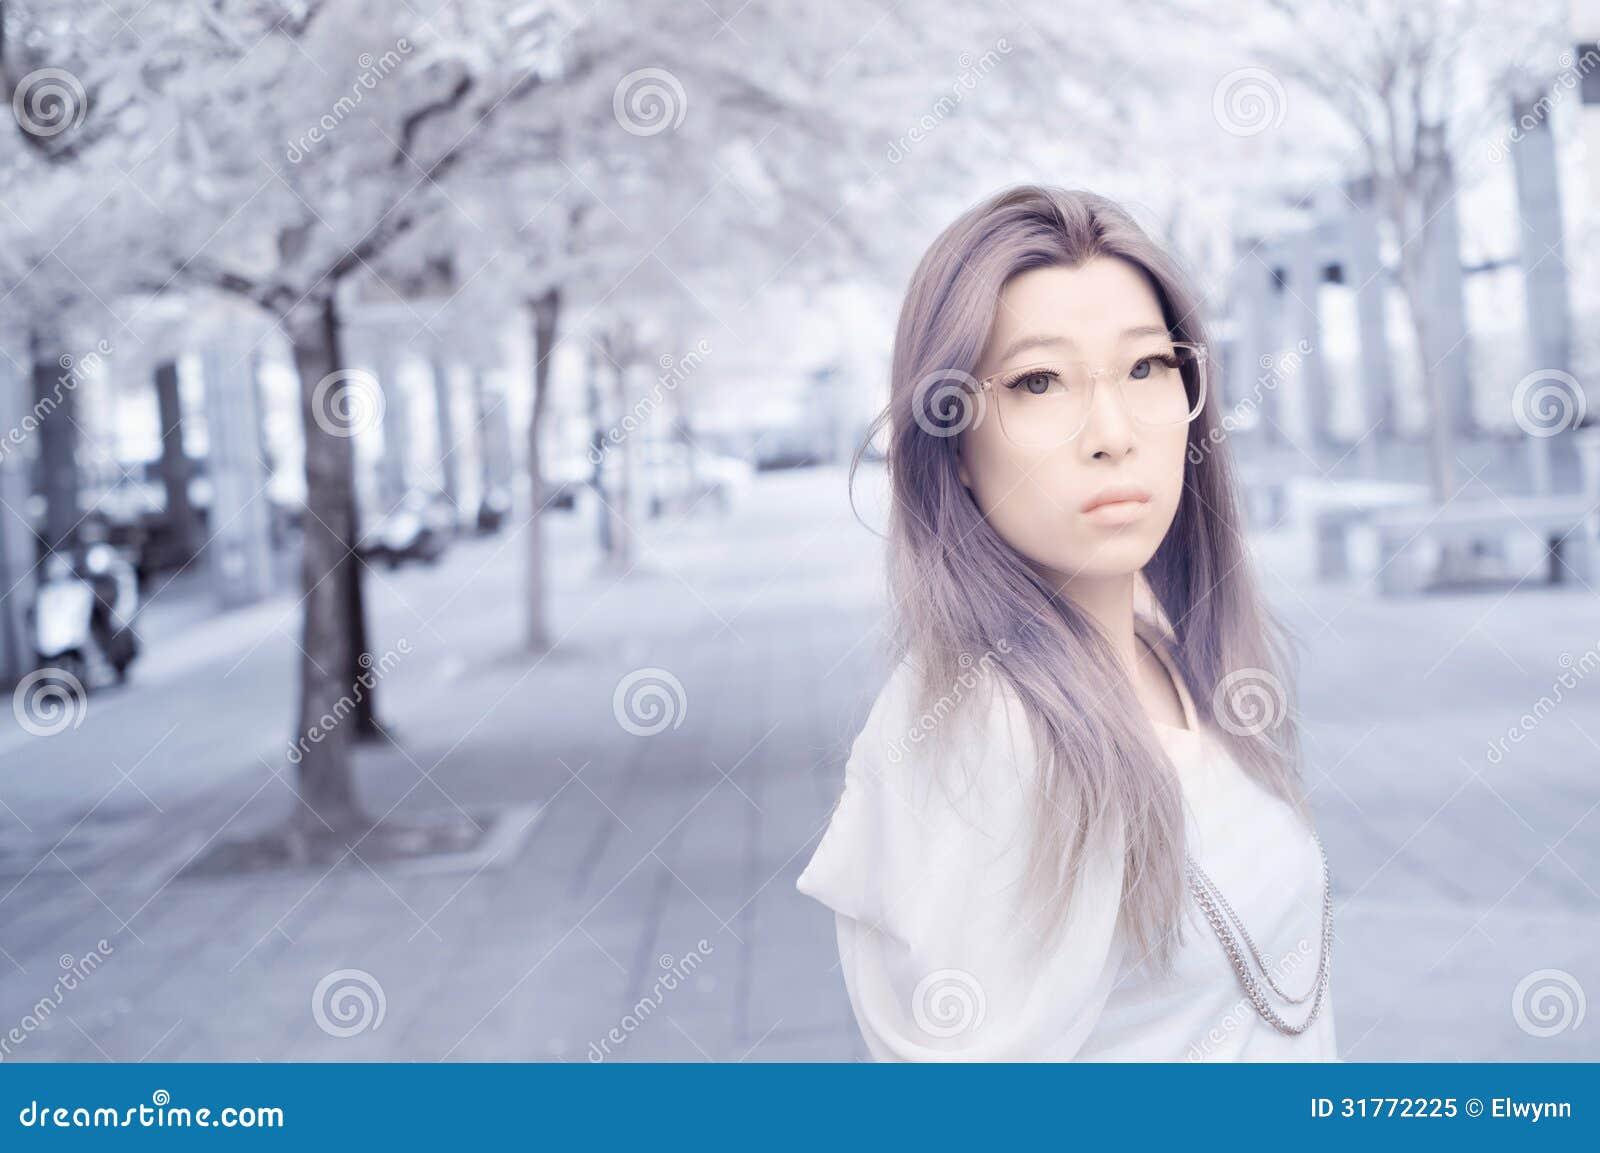 Asian girl video december